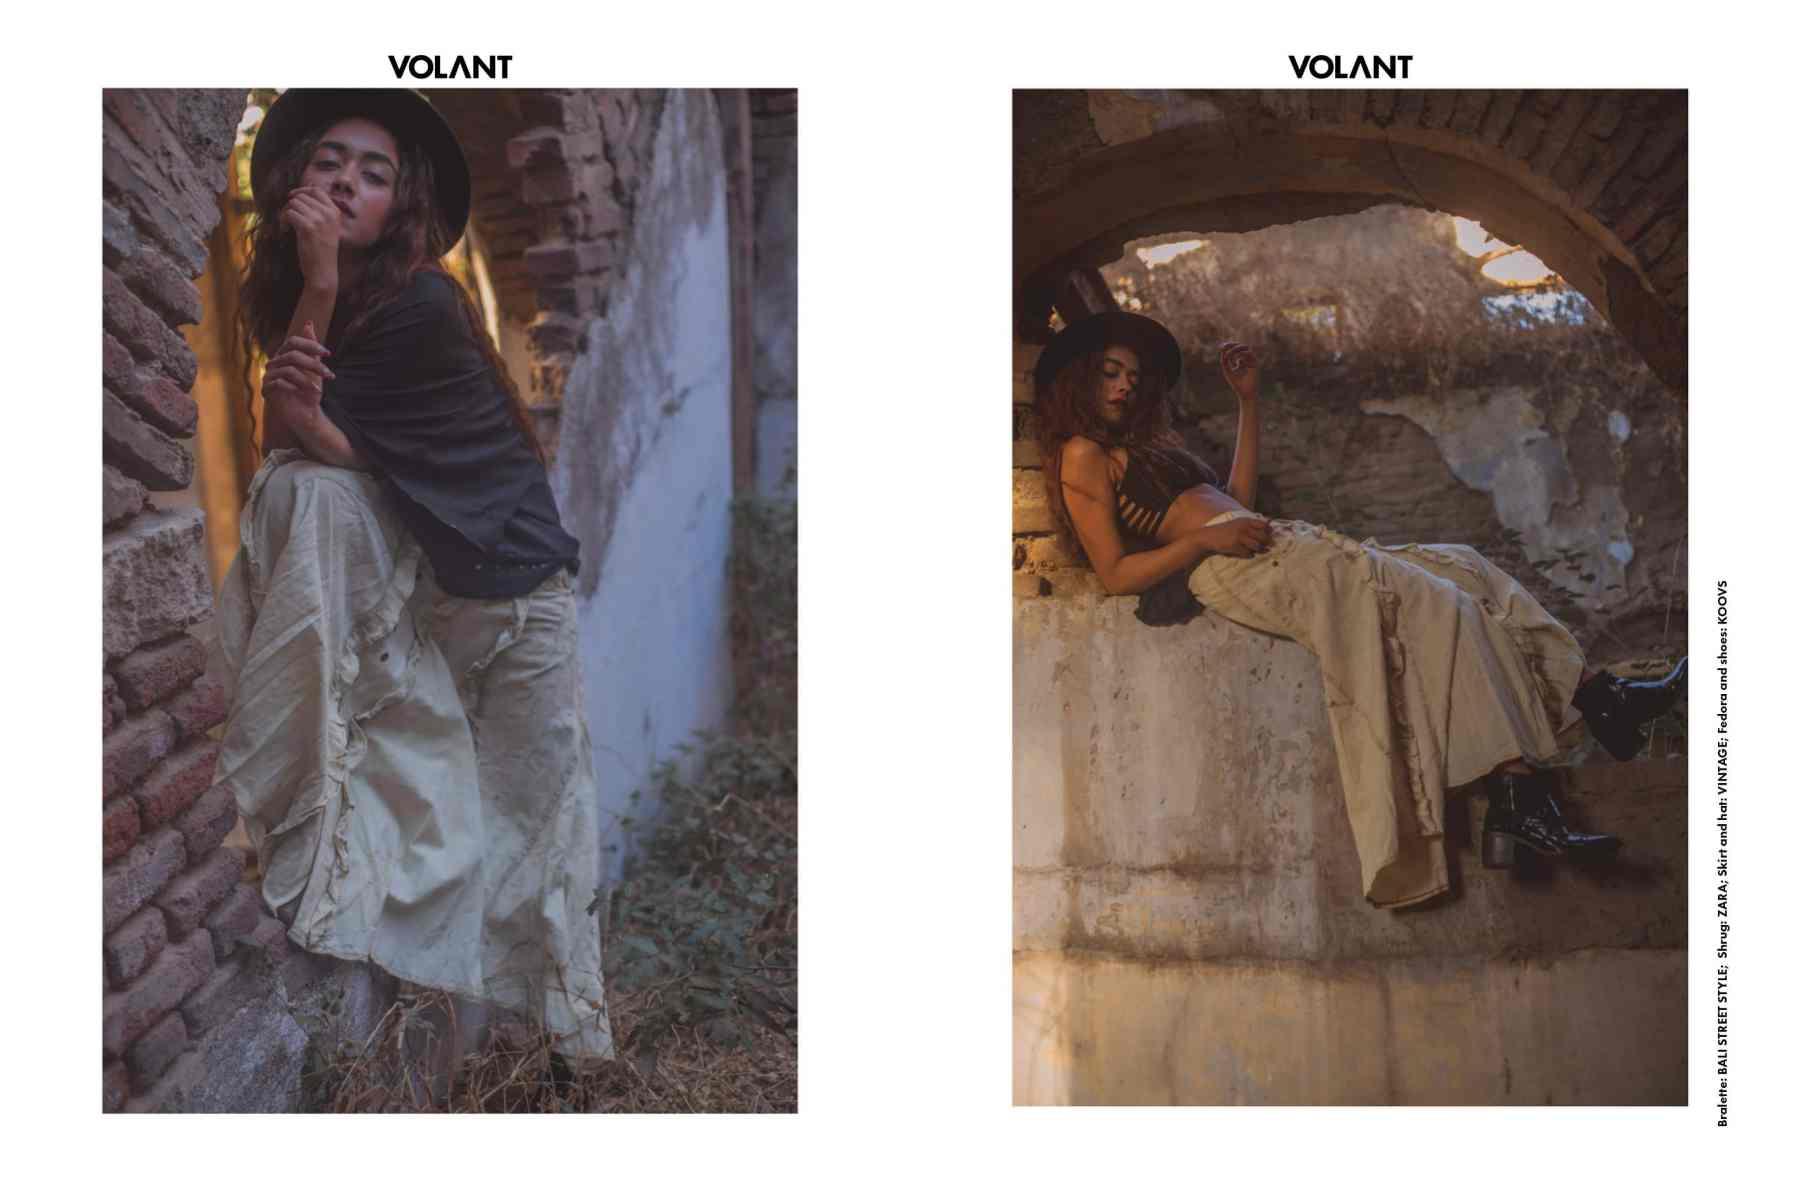 volant-webitorial-todayiwillletthepicturestalk3